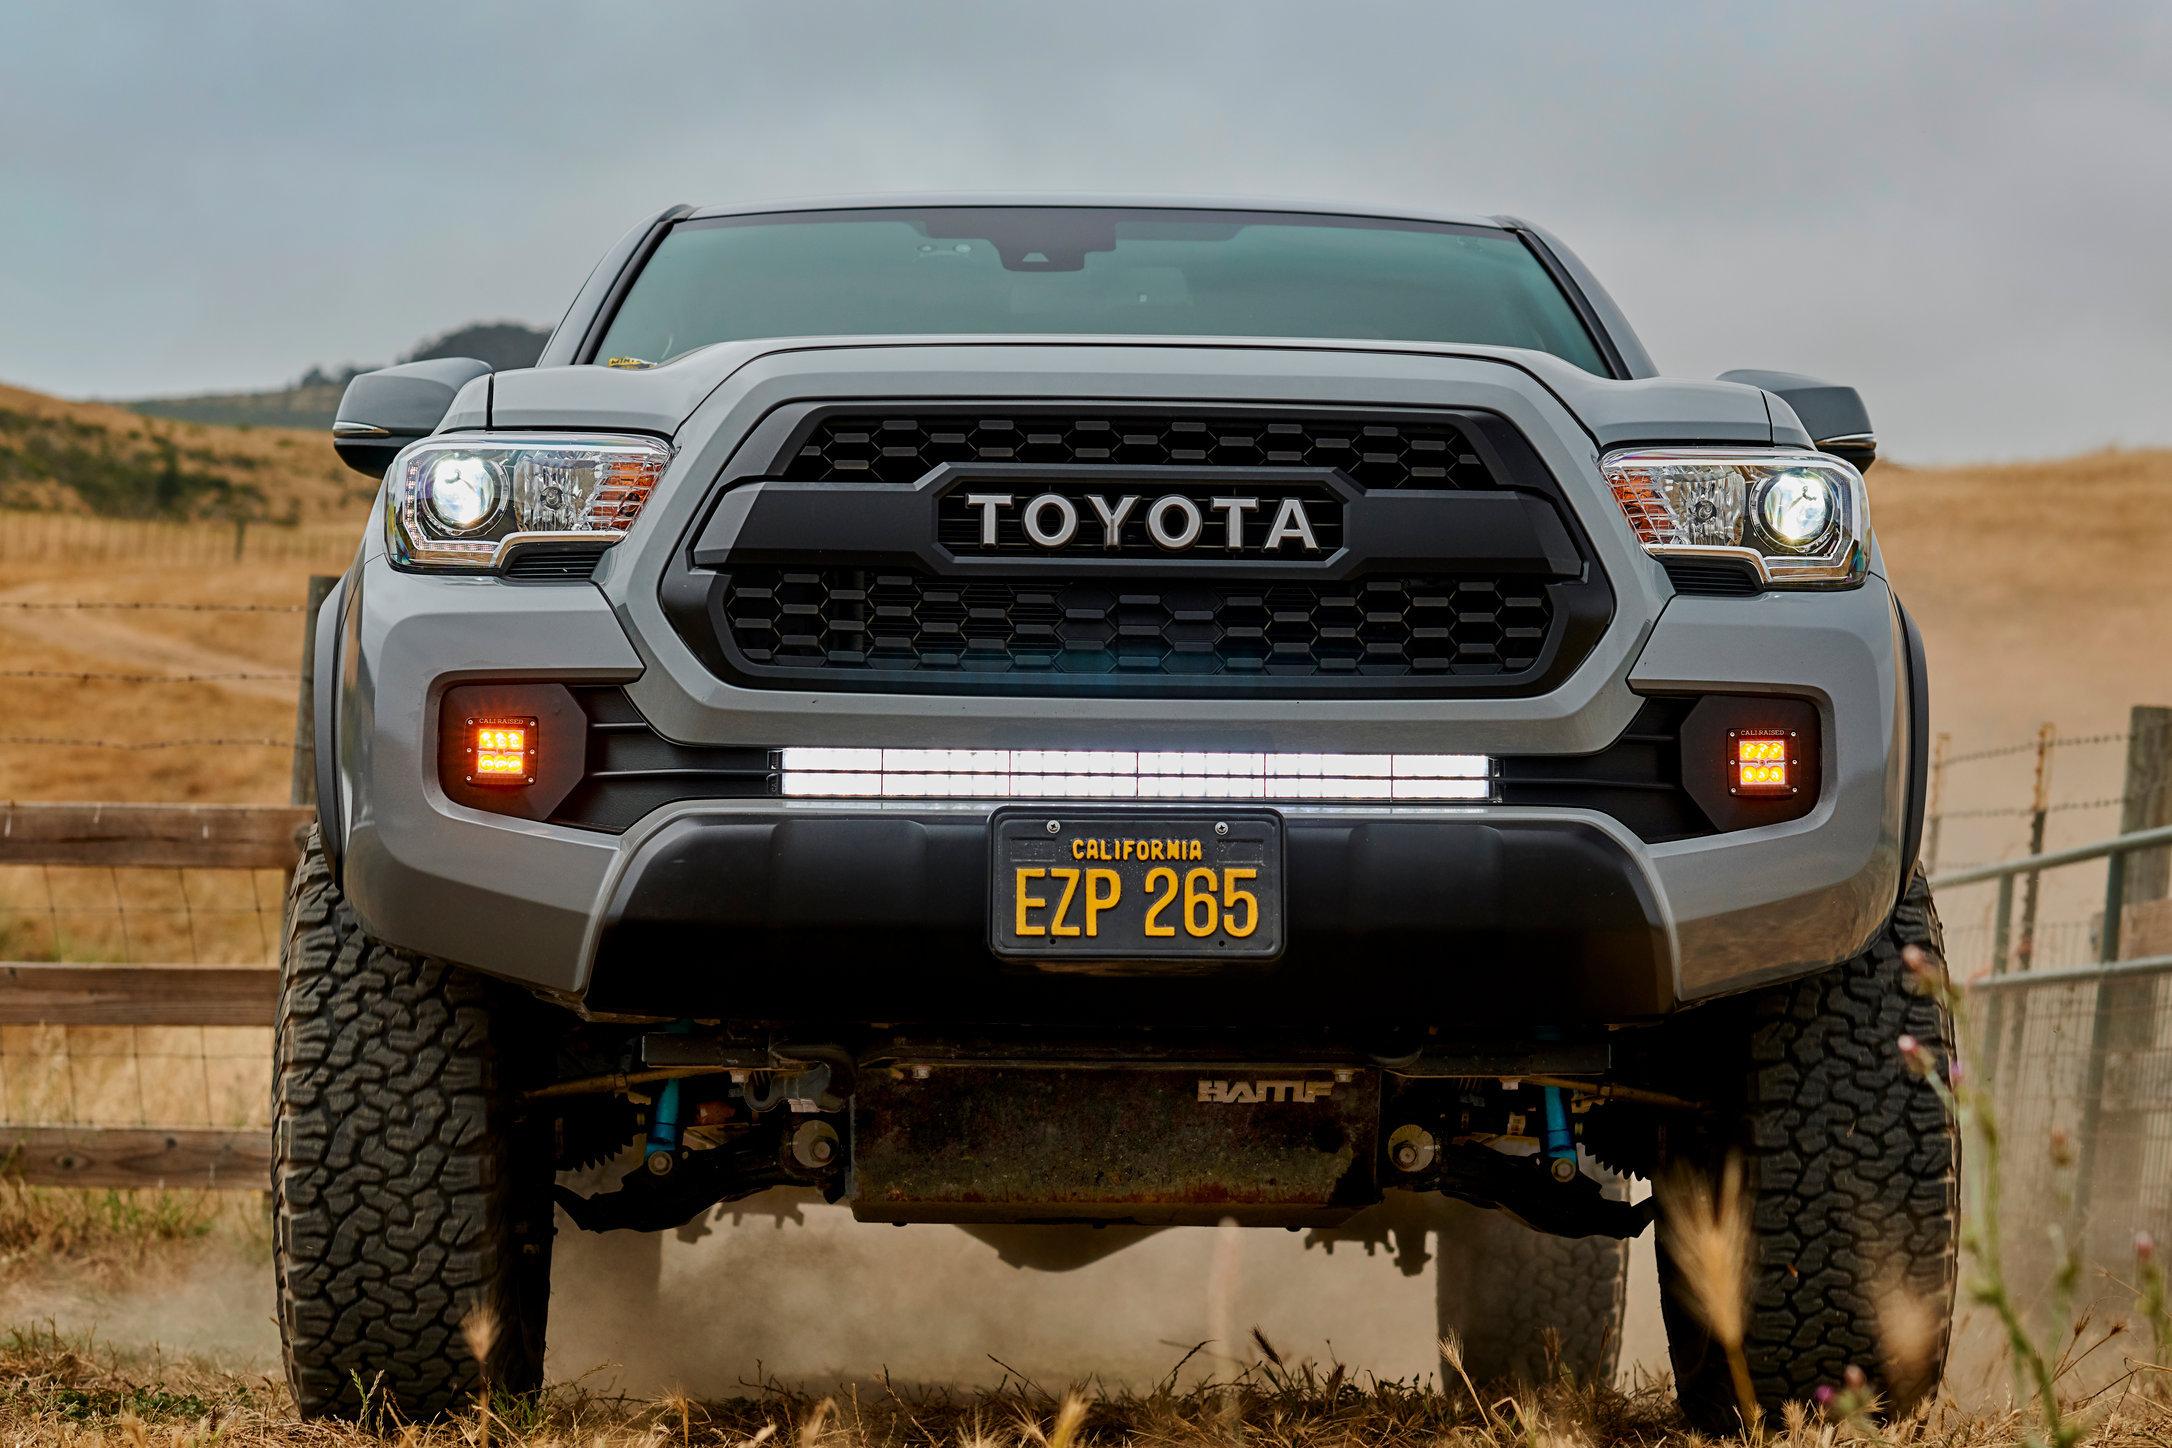 Motors_Toyota_Tacoma_Hero_0927.jpg